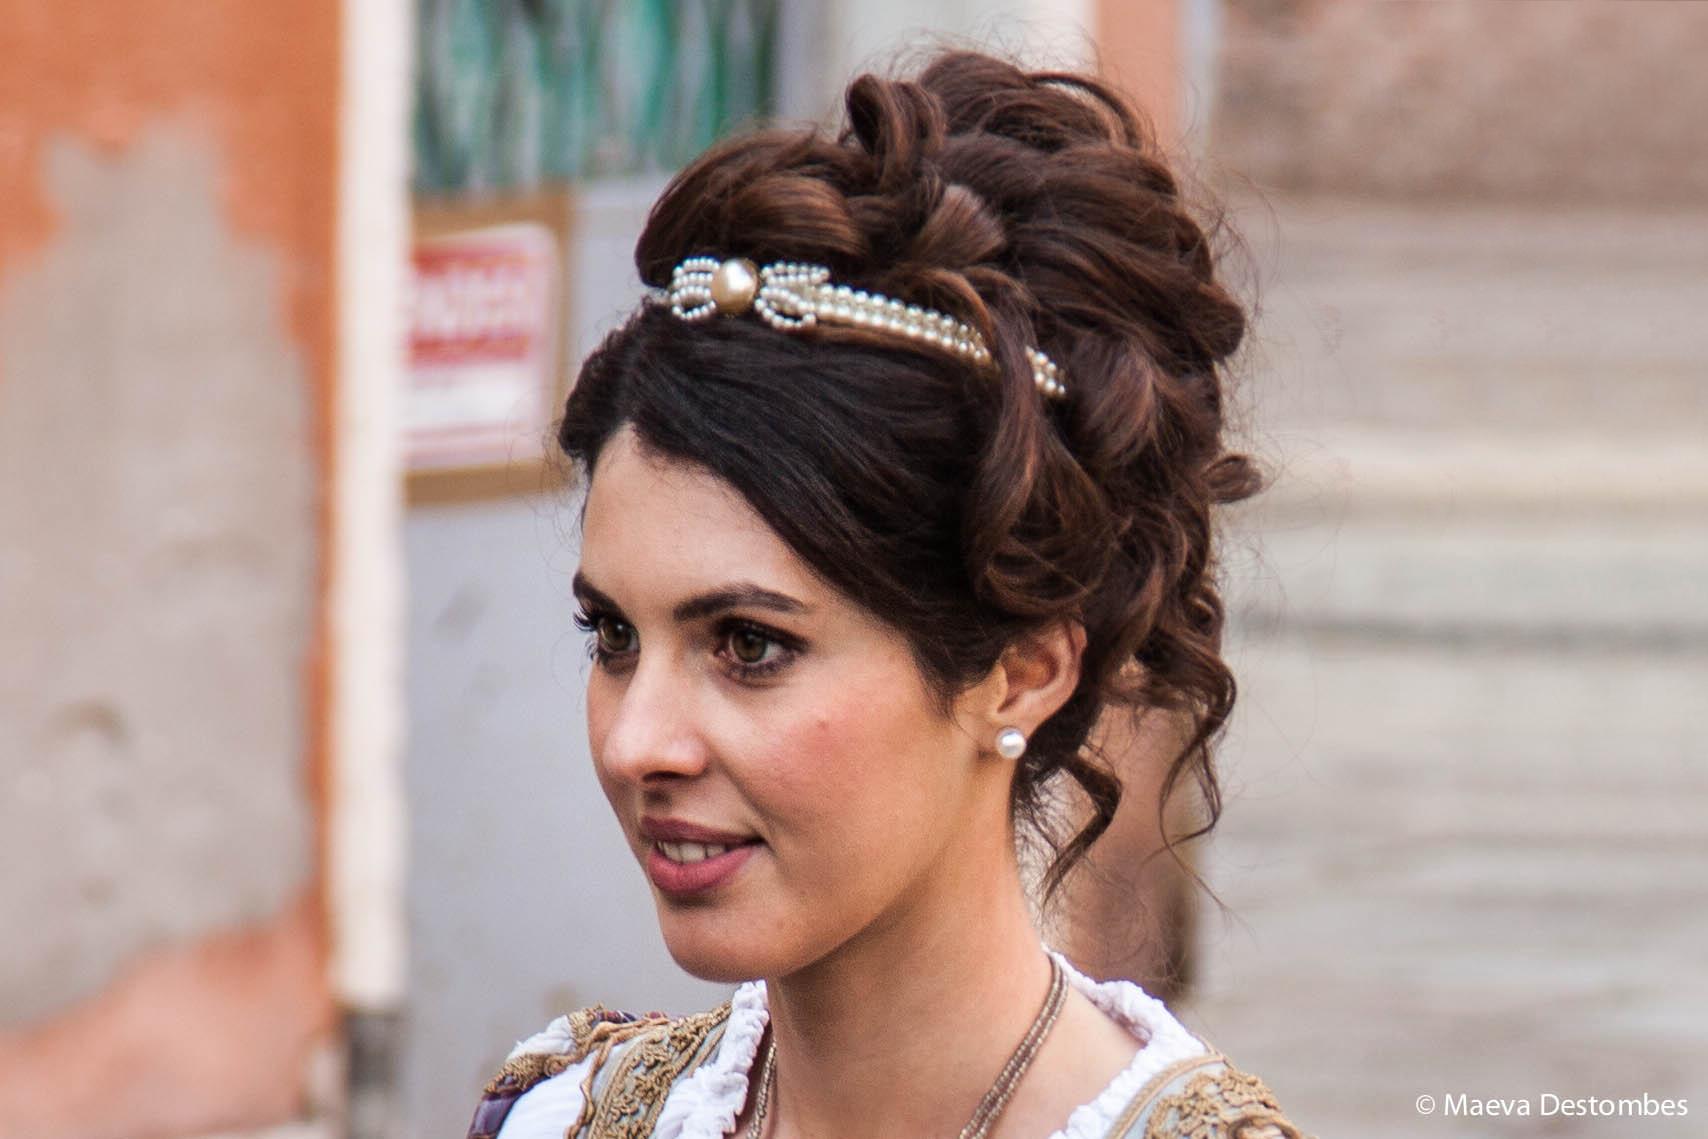 Une jeune femme de la procession des Marie lors du carnaval de Venise